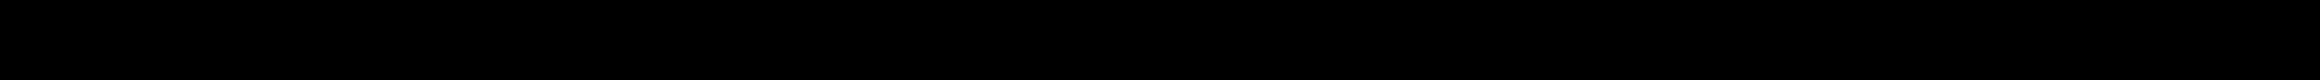 MANN-FILTER 11 00 1 300 053, 11 00 1 341 616, 11 00 2 300 053, 11 42 1 460 697, 11 42 1 460 833 Filtro de aceite